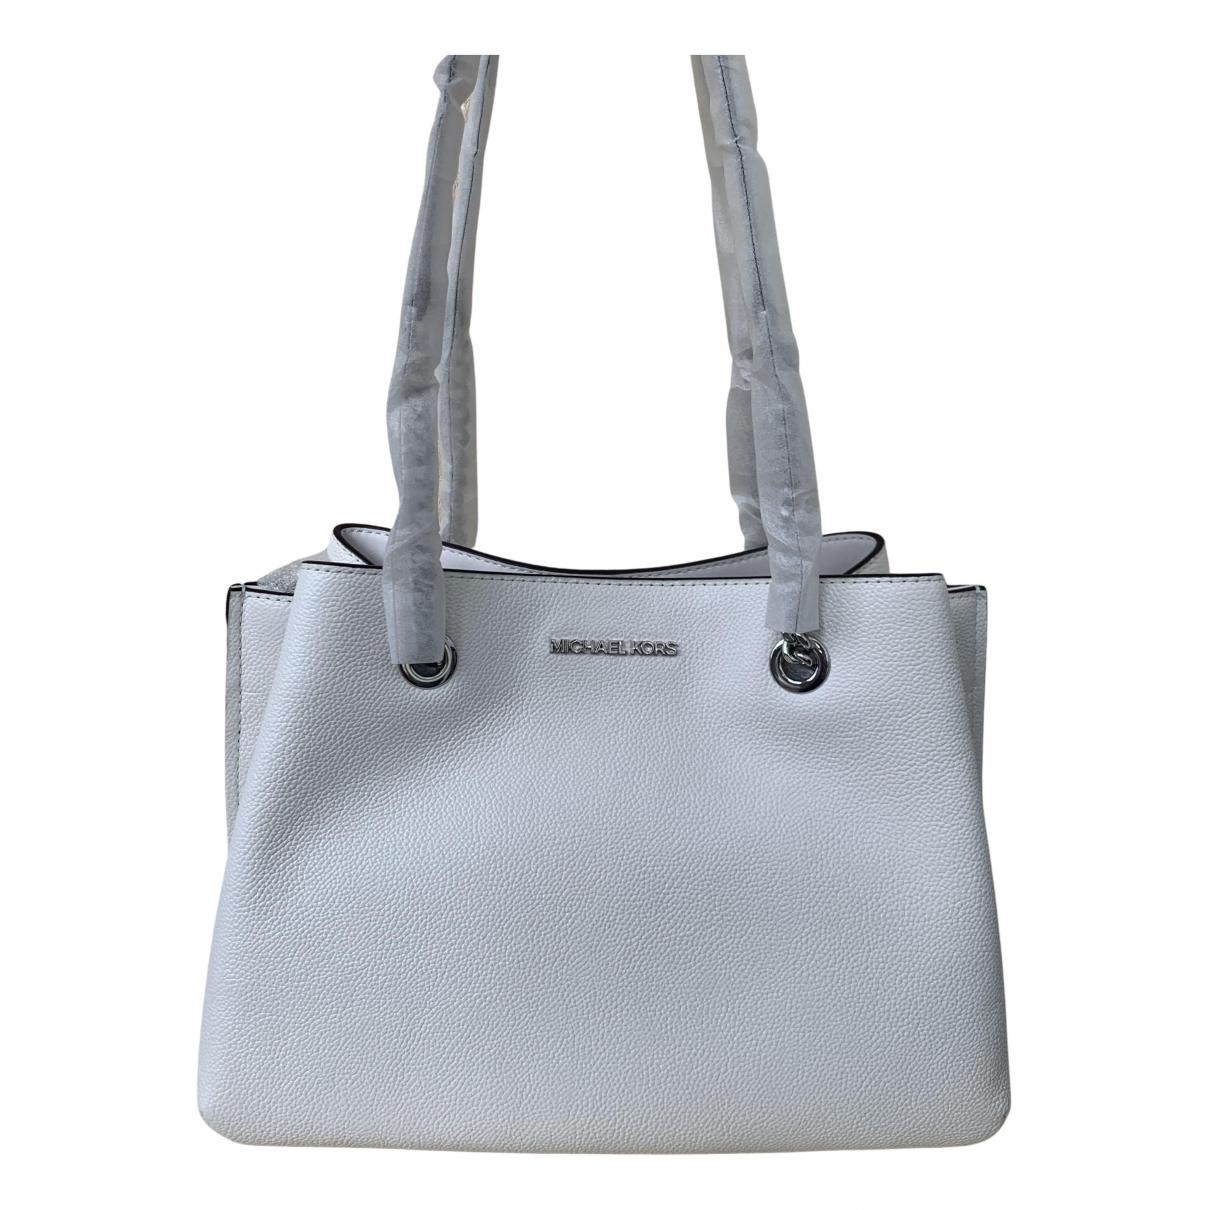 Michael Kors N White Leather handbag for Women N